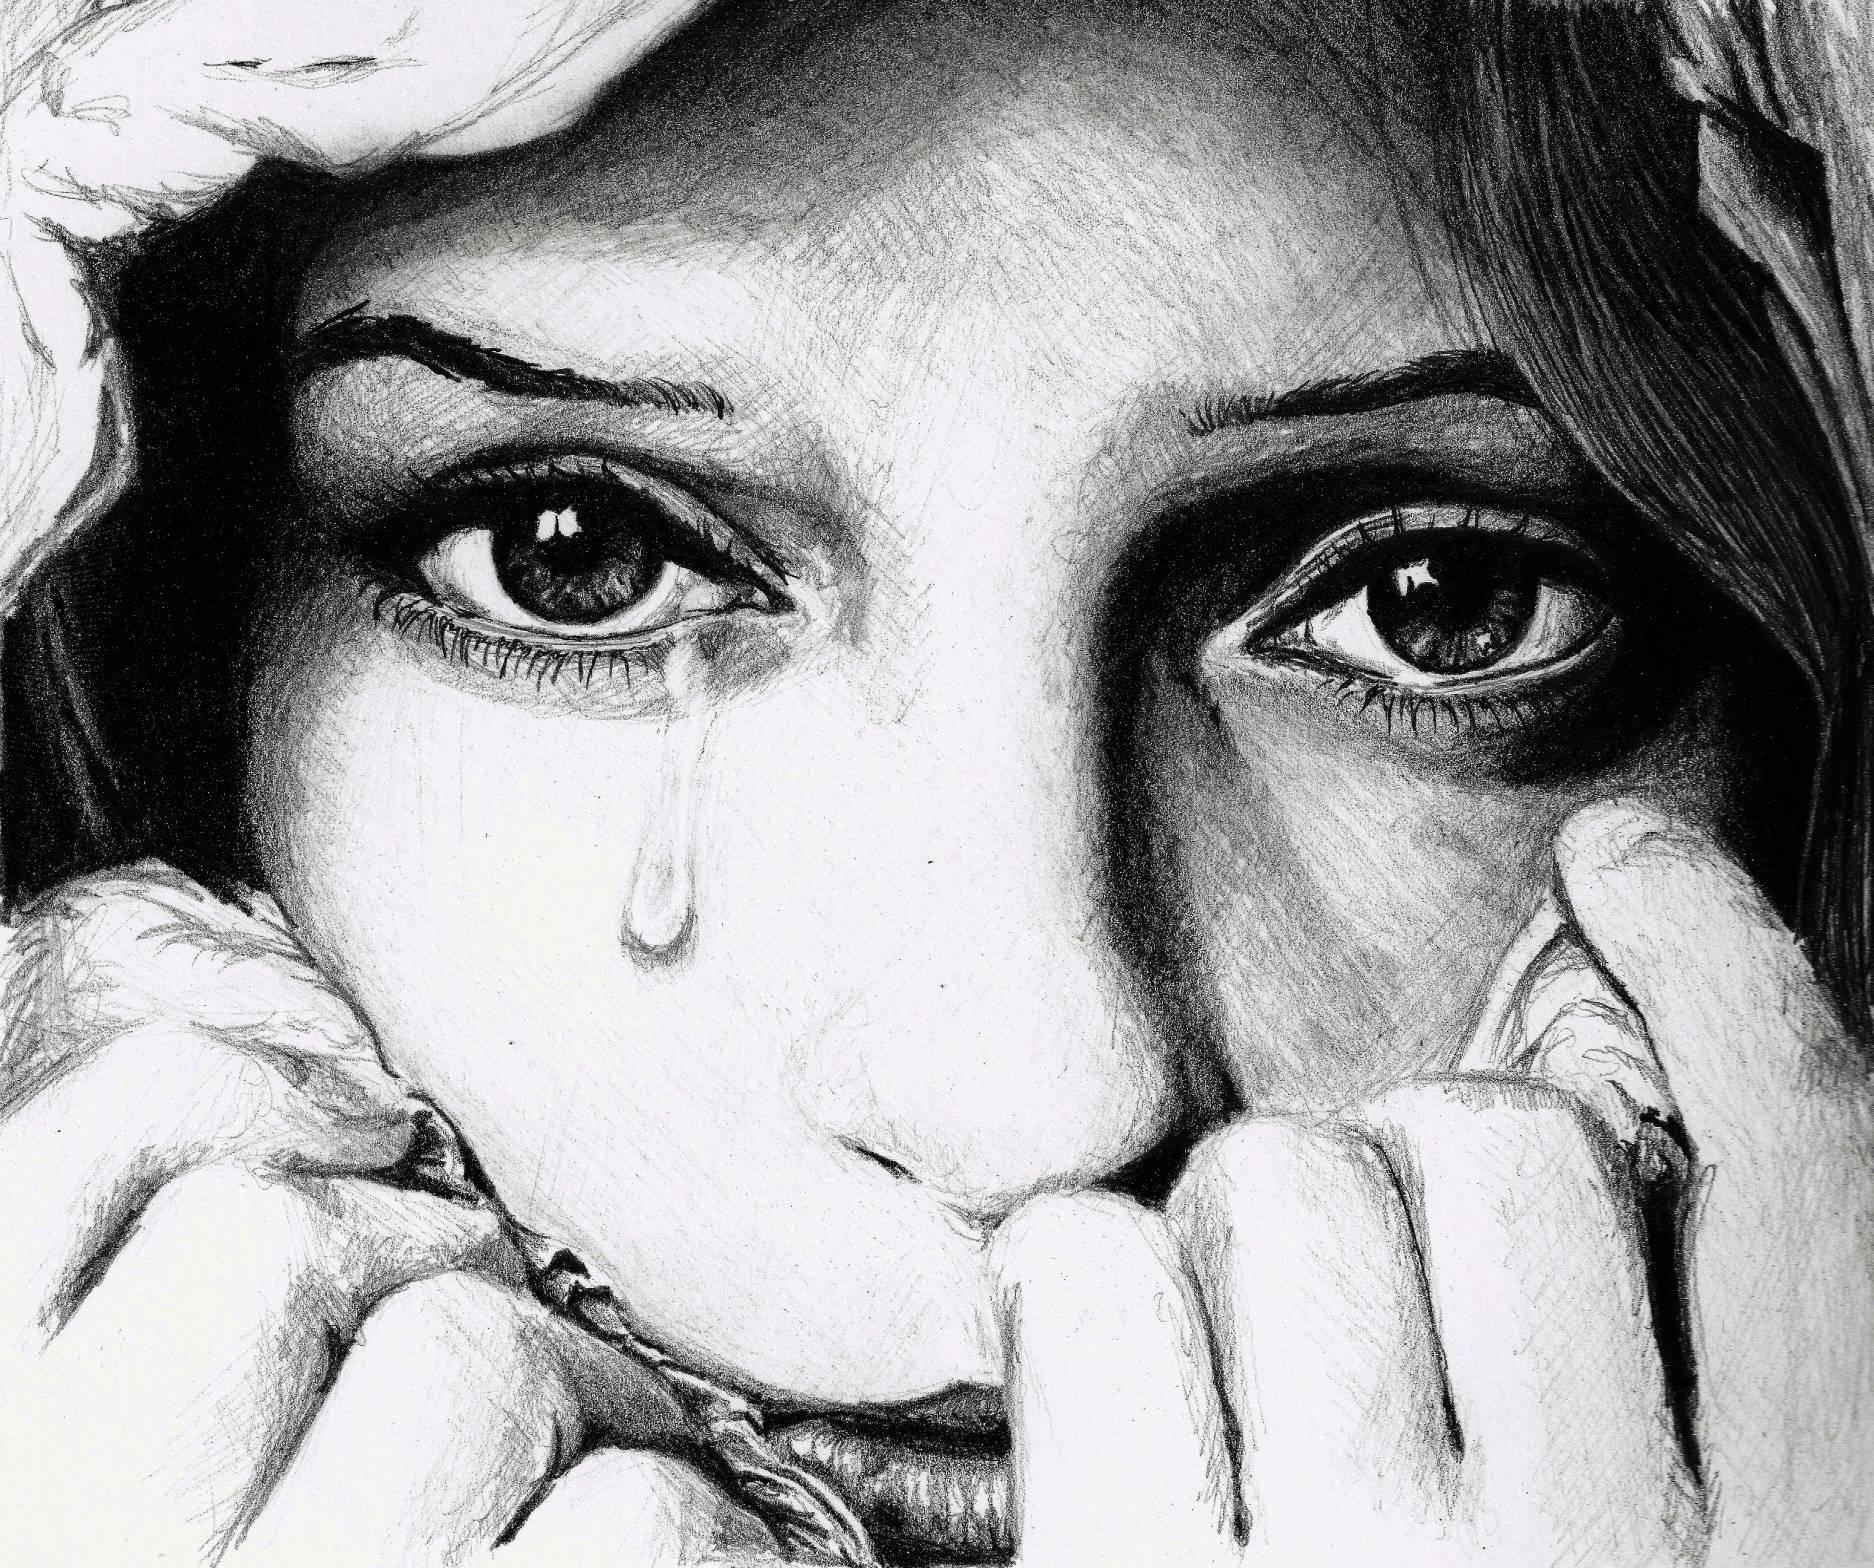 Drawn sad sad face  Sad Images Human Of